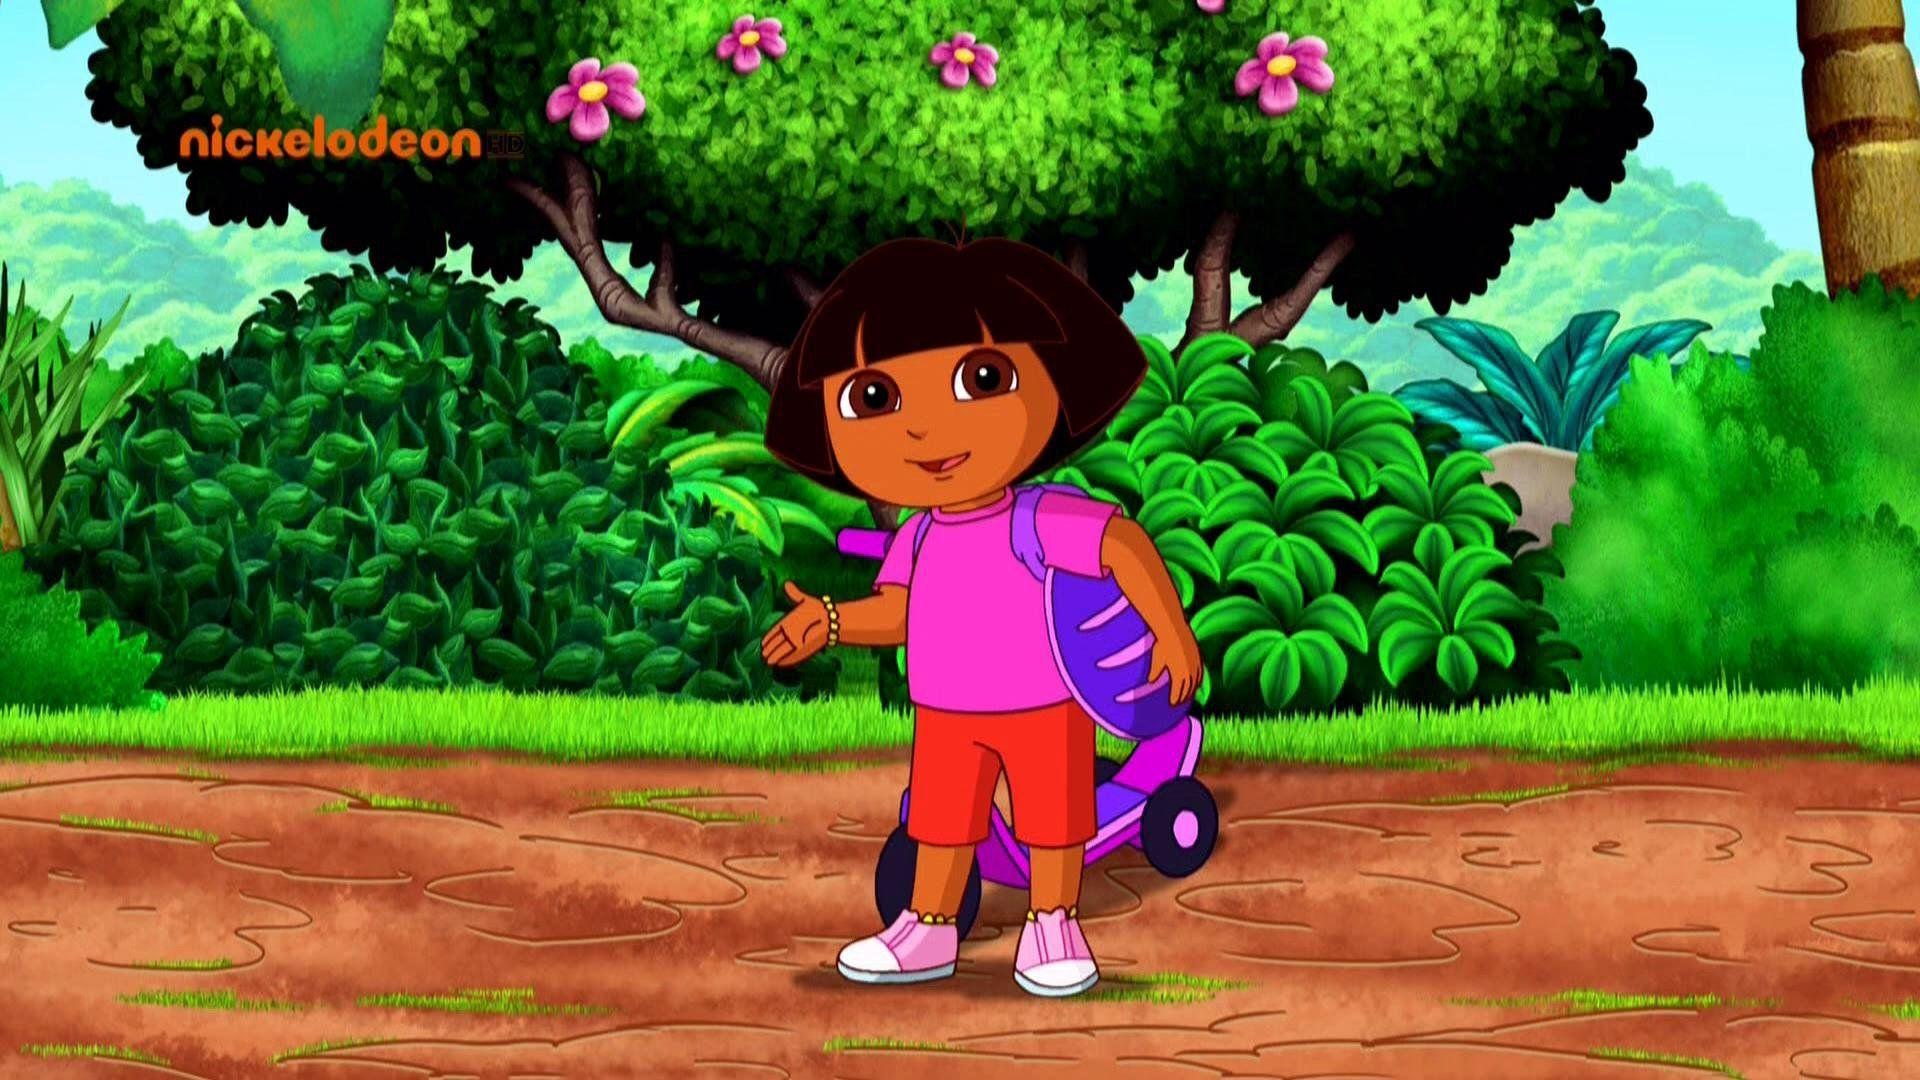 Dora free desktop background